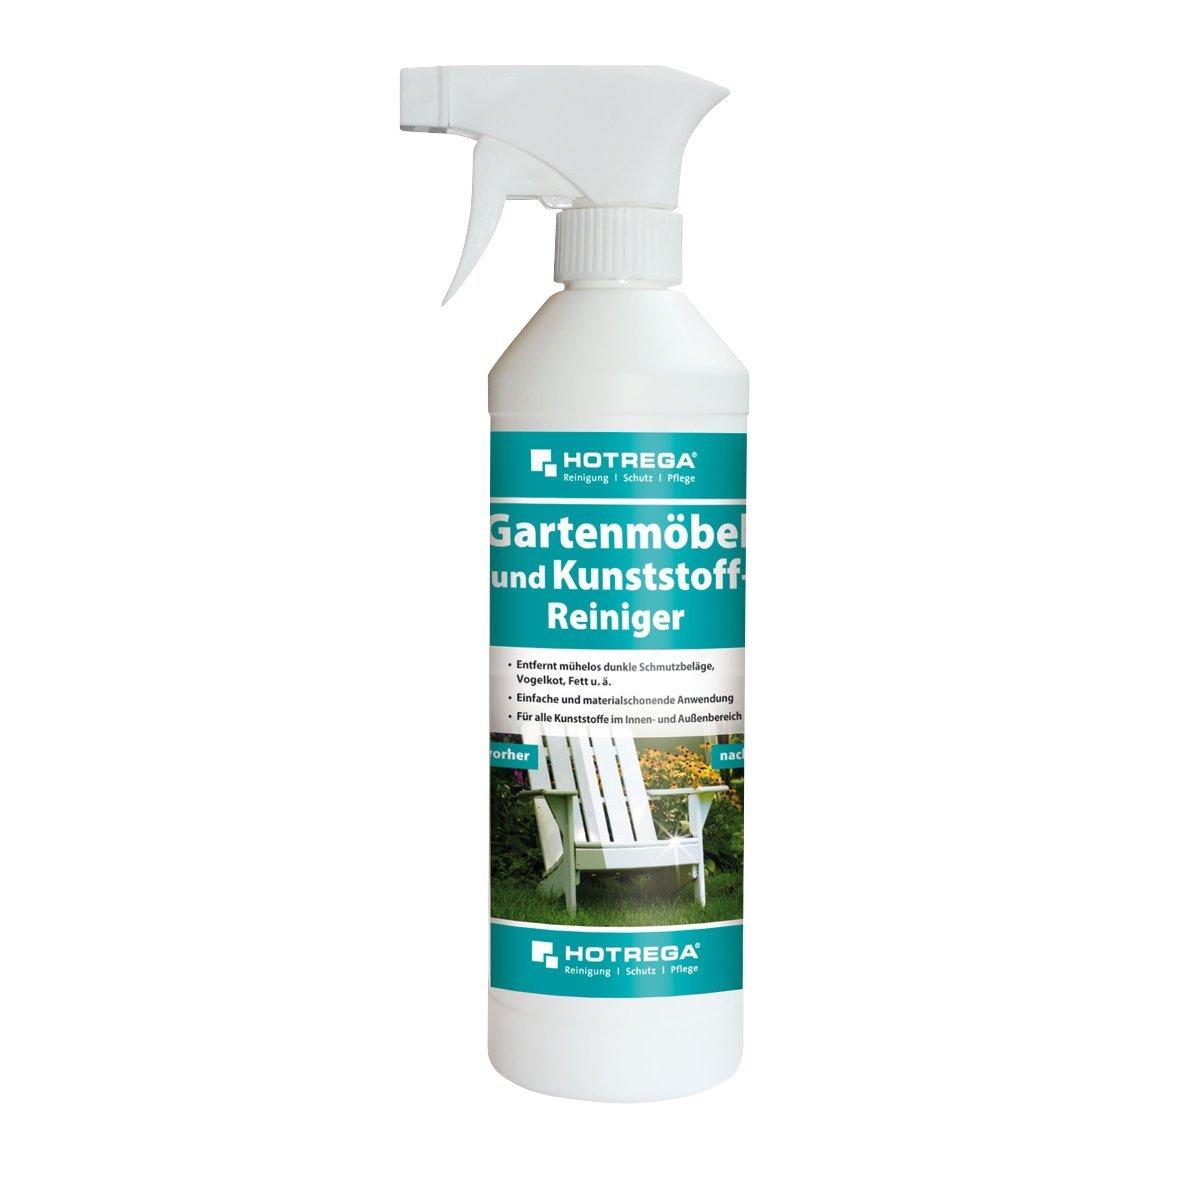 Hotrega H130960 Gartenmöbel und Kunststoff-Reiniger, Profi-Reiniger zur materialschonenden Entfernung hartnäckiger Schmutzablagerungen